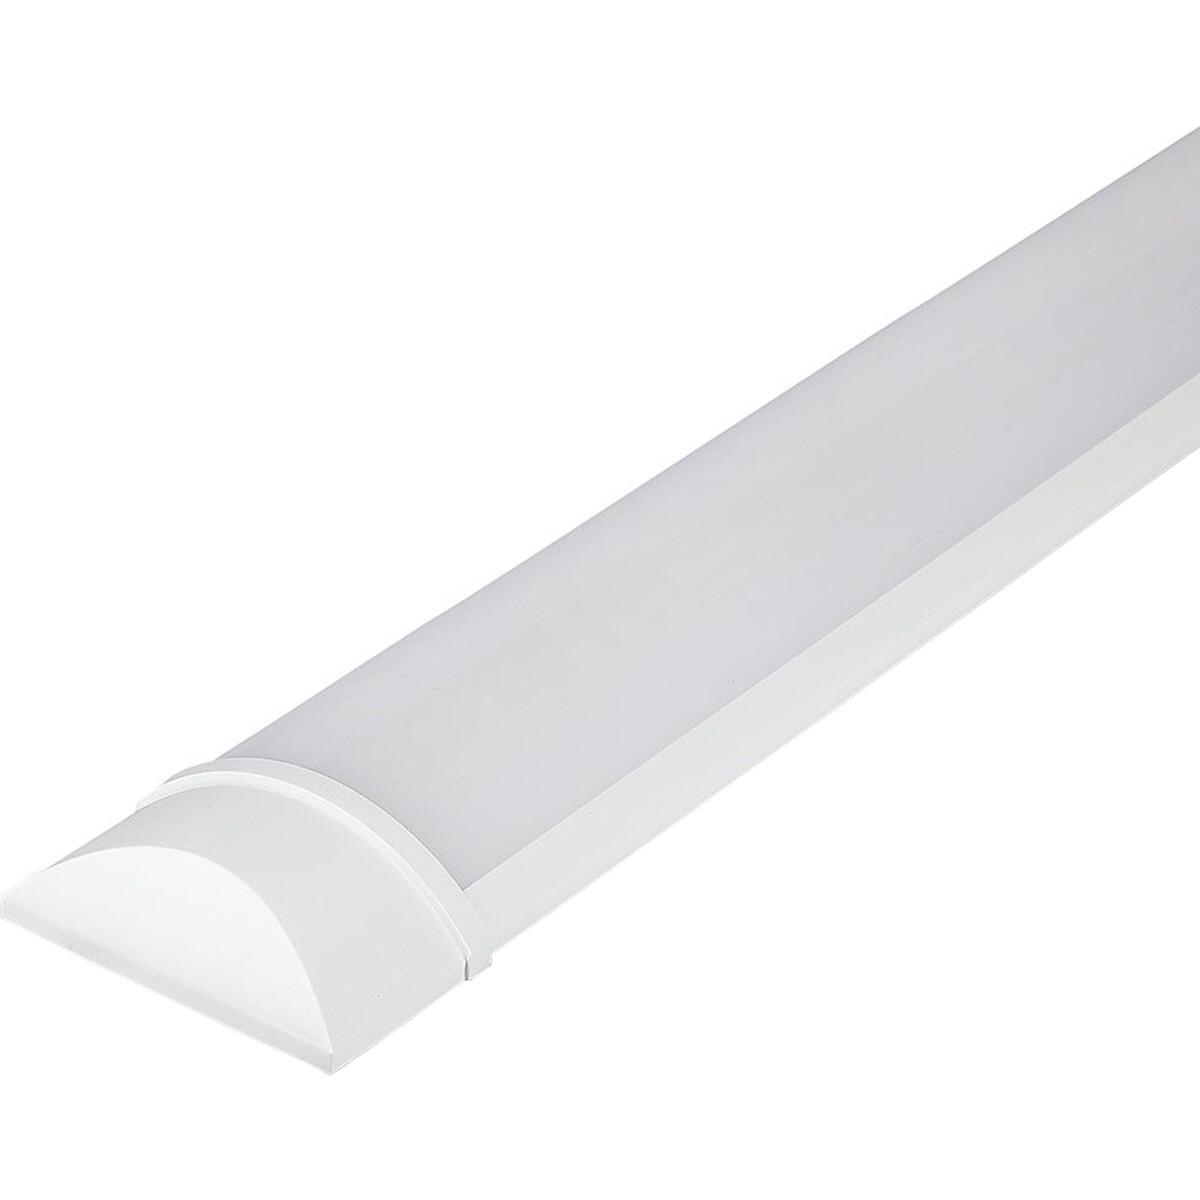 LED Balk - Viron Kilas - 38W High Lumen - Helder/Koud Wit 6400K - Mat Wit - Kunststof - 150cm